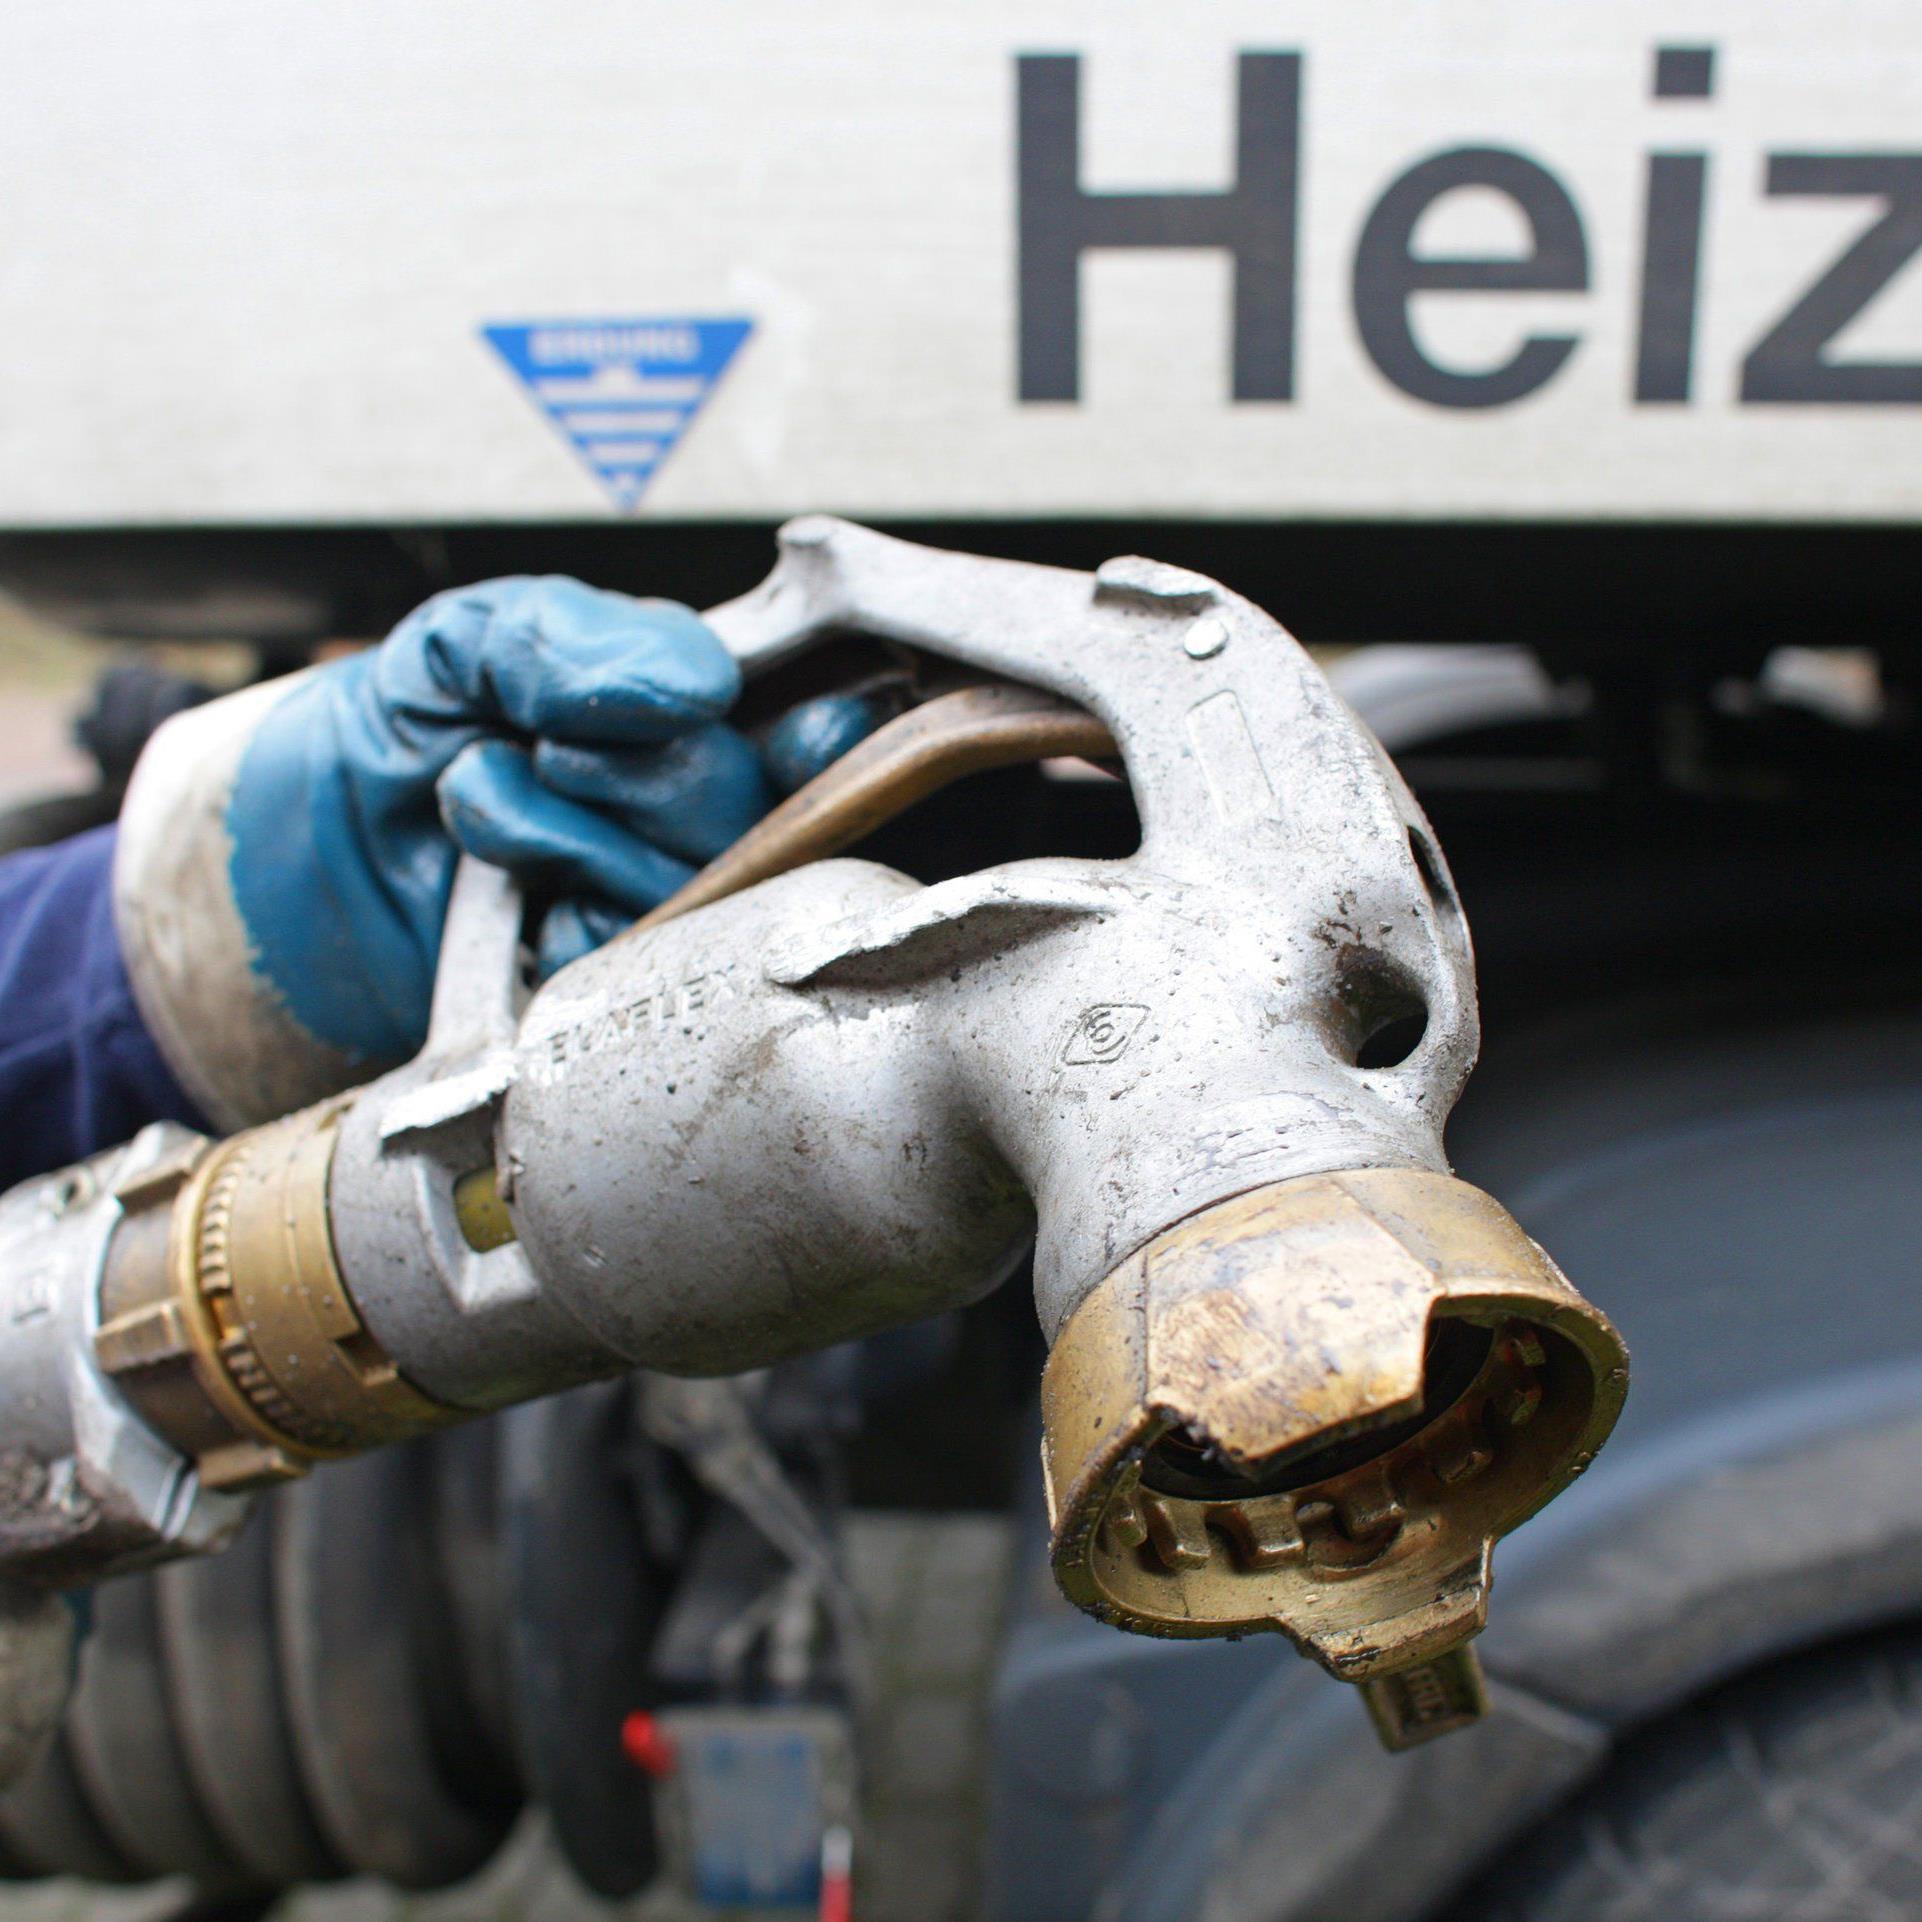 Einige Akteure auf dem Öl-Weltmarkt profitieren von diesem Verfall - andere stellt er vor große Probleme.